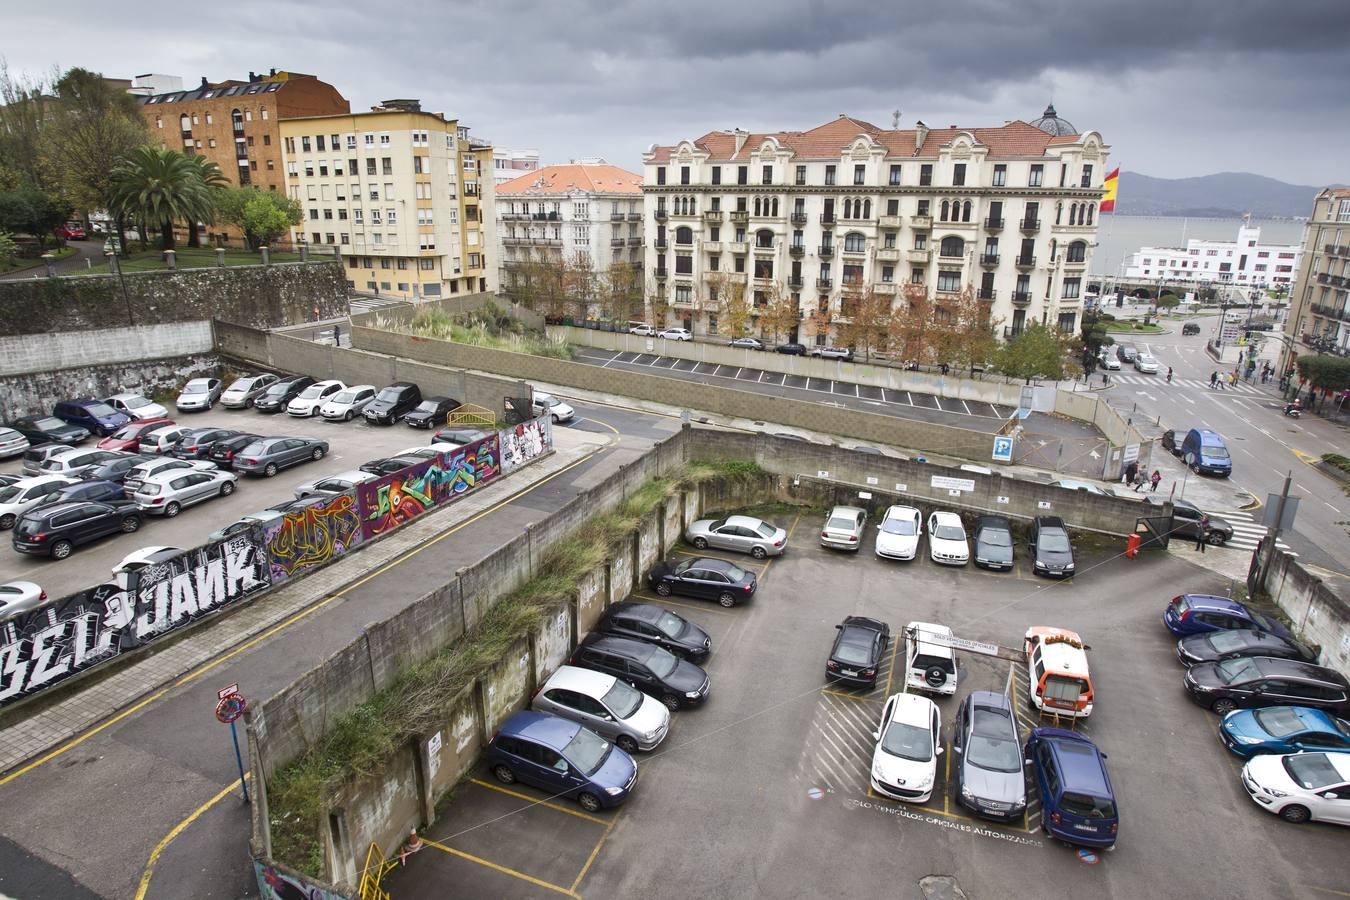 Urbanismo da luz verde a la modificación parcial del Plan General de Santander para ubicar el Mupac en Puertochico